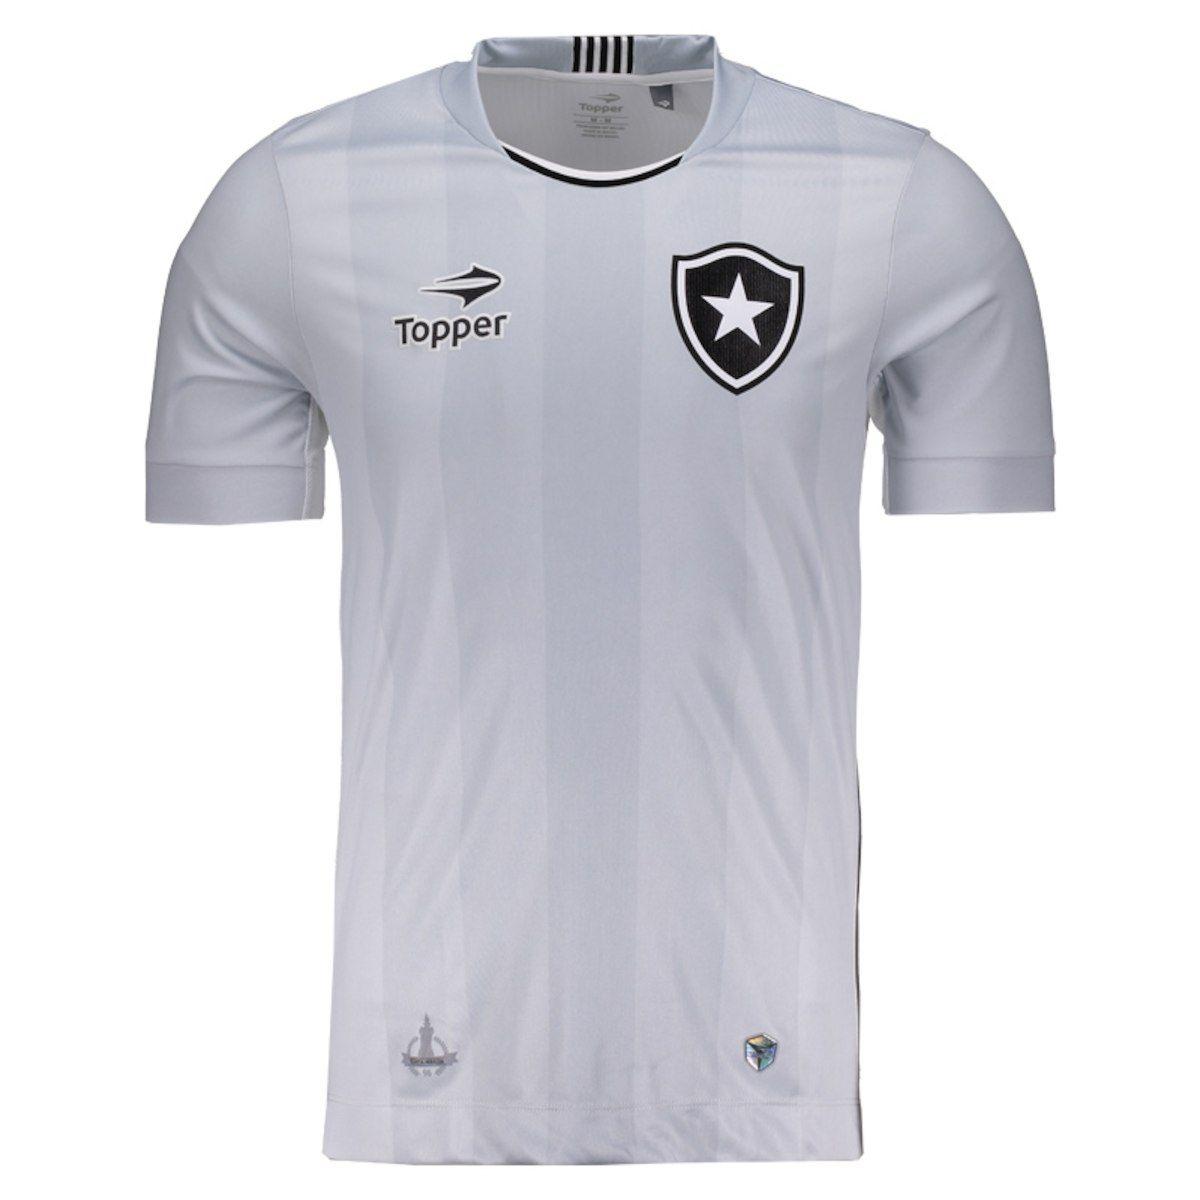 Camisa Botafogo 2016 17 Topper Oficial Numero 10 - SPORT CENTER JARAGUÁ fba837e5dc961